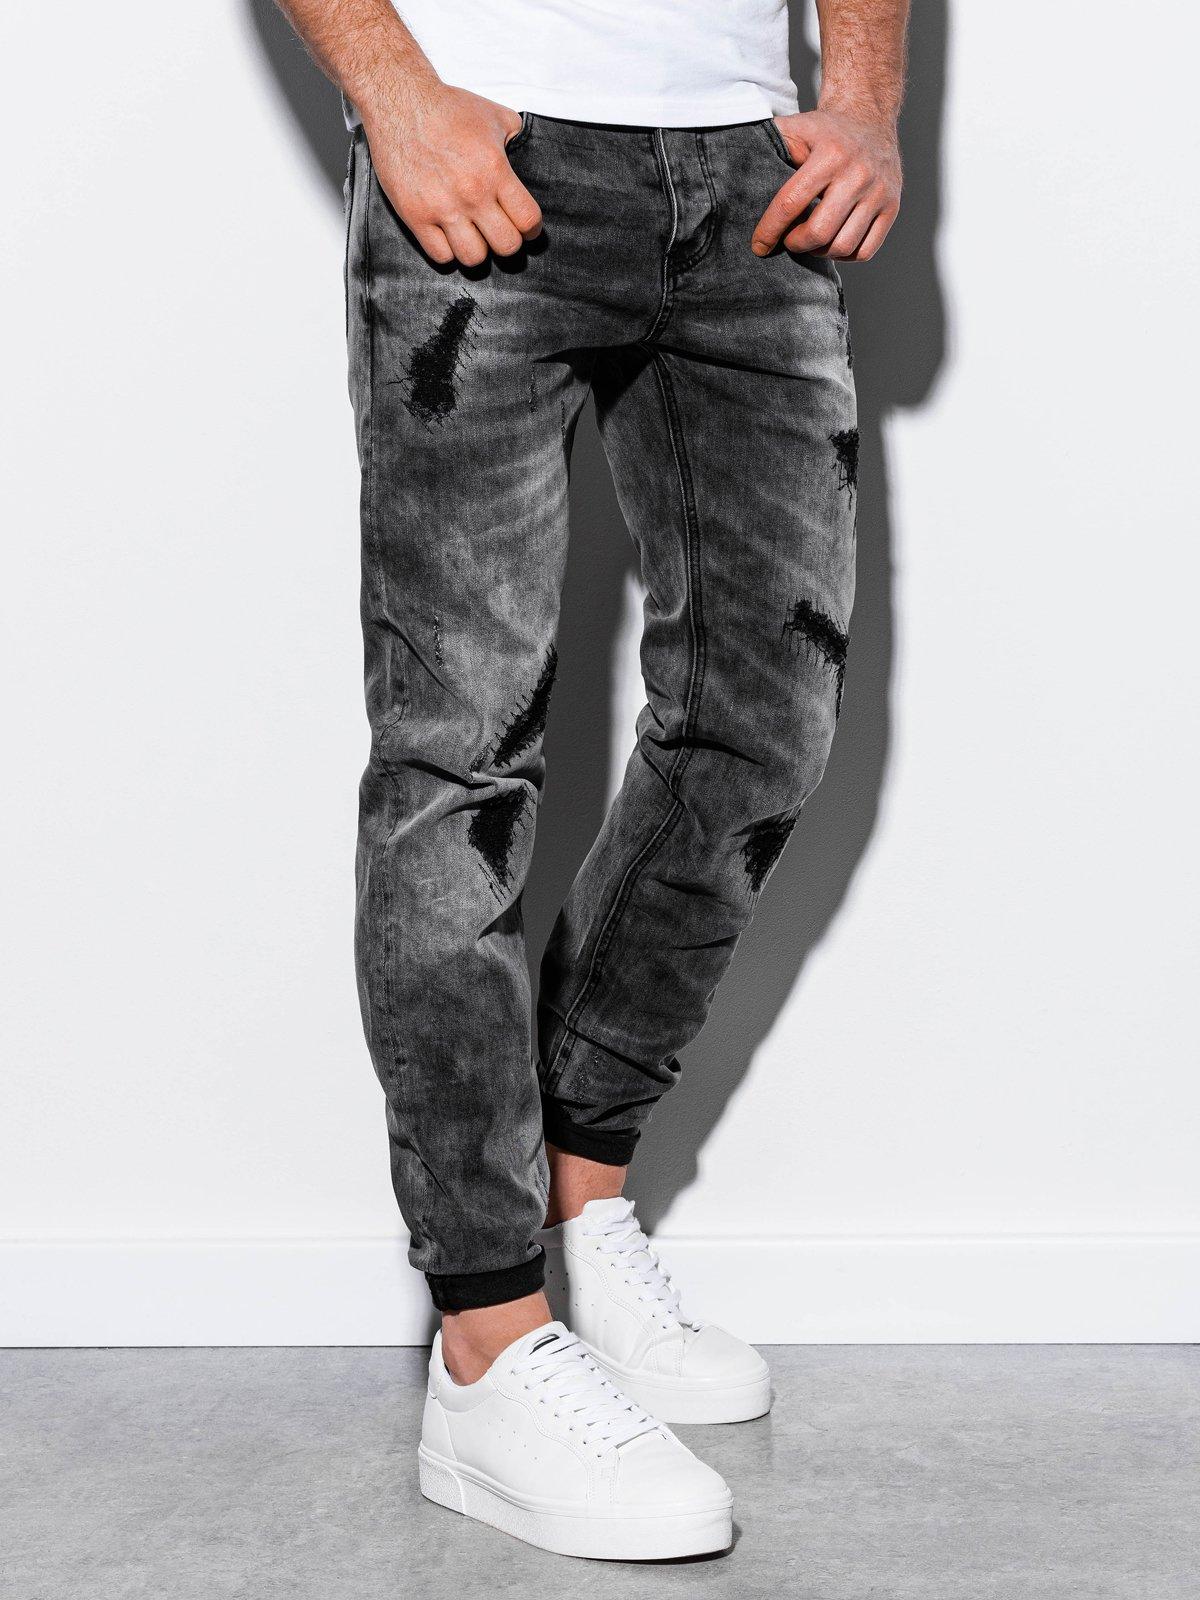 Spodnie męskie jeansowe P861 - czarne